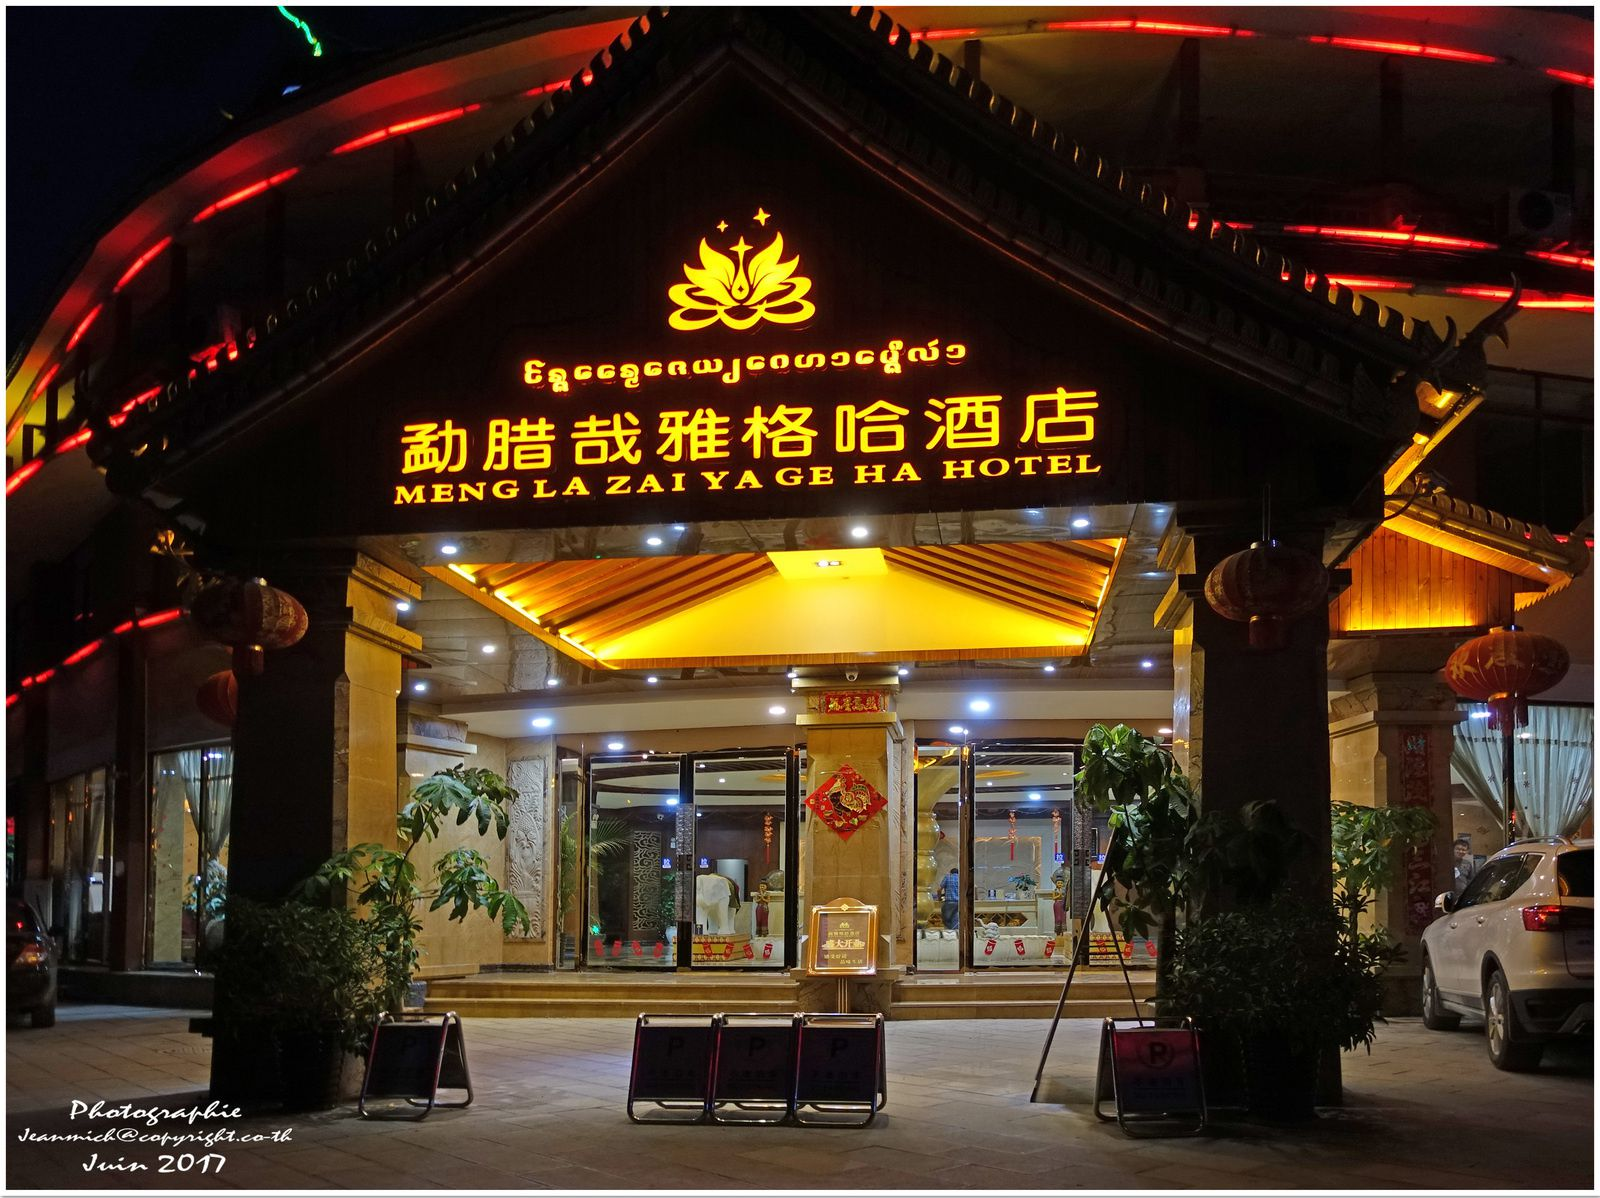 Voyage en Chine frontière Laos - Chine